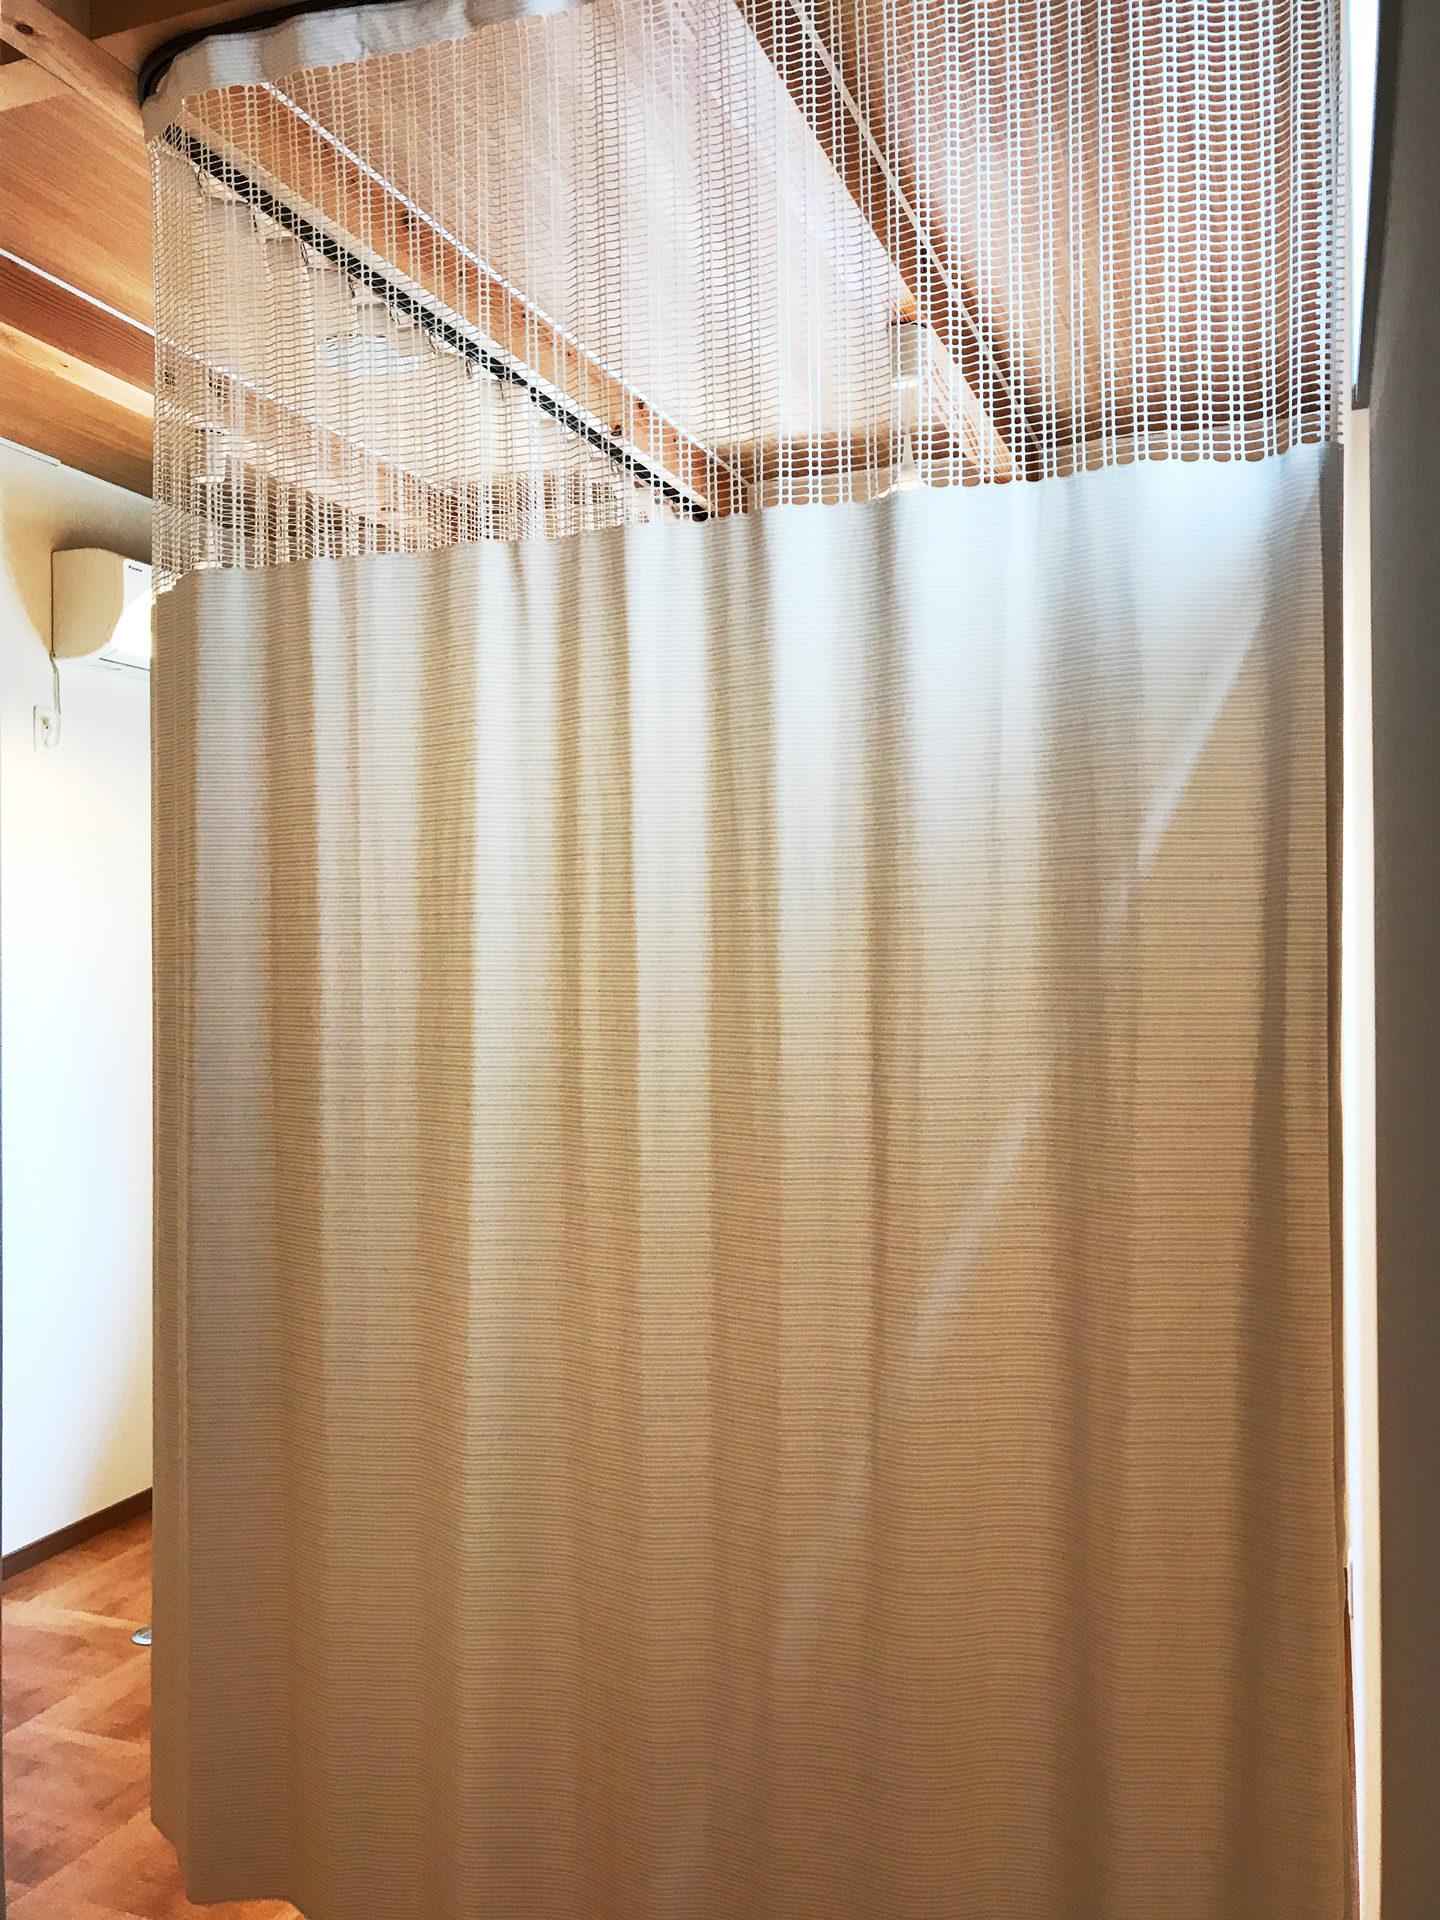 設計・デザインをした店舗(鍼灸接骨院)付き住宅の鍼灸院施術室